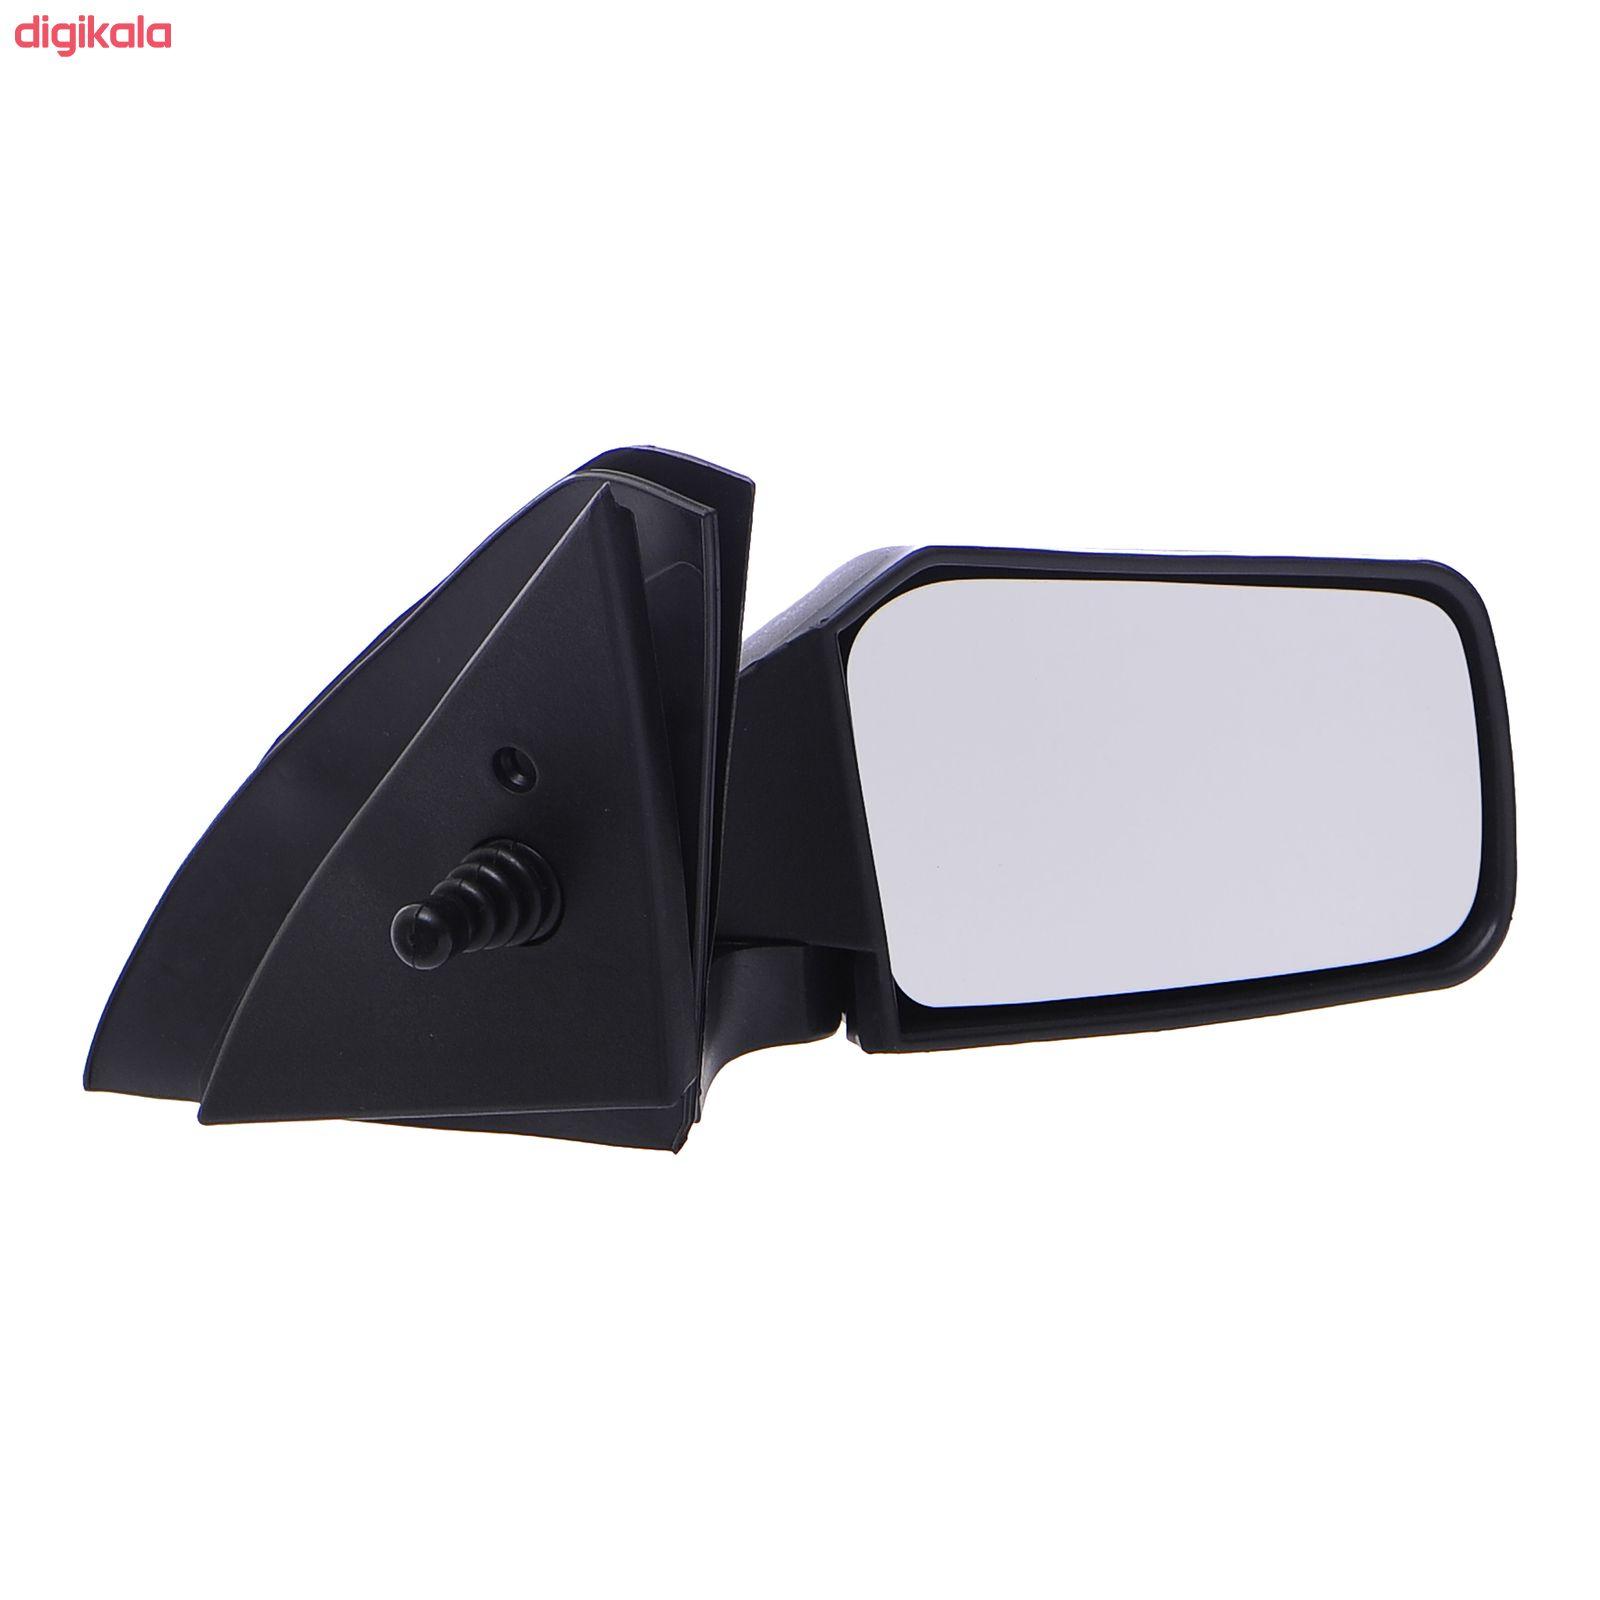 آینه جانبی راست خودرو کد CR0001 مناسب برای پراید main 1 2